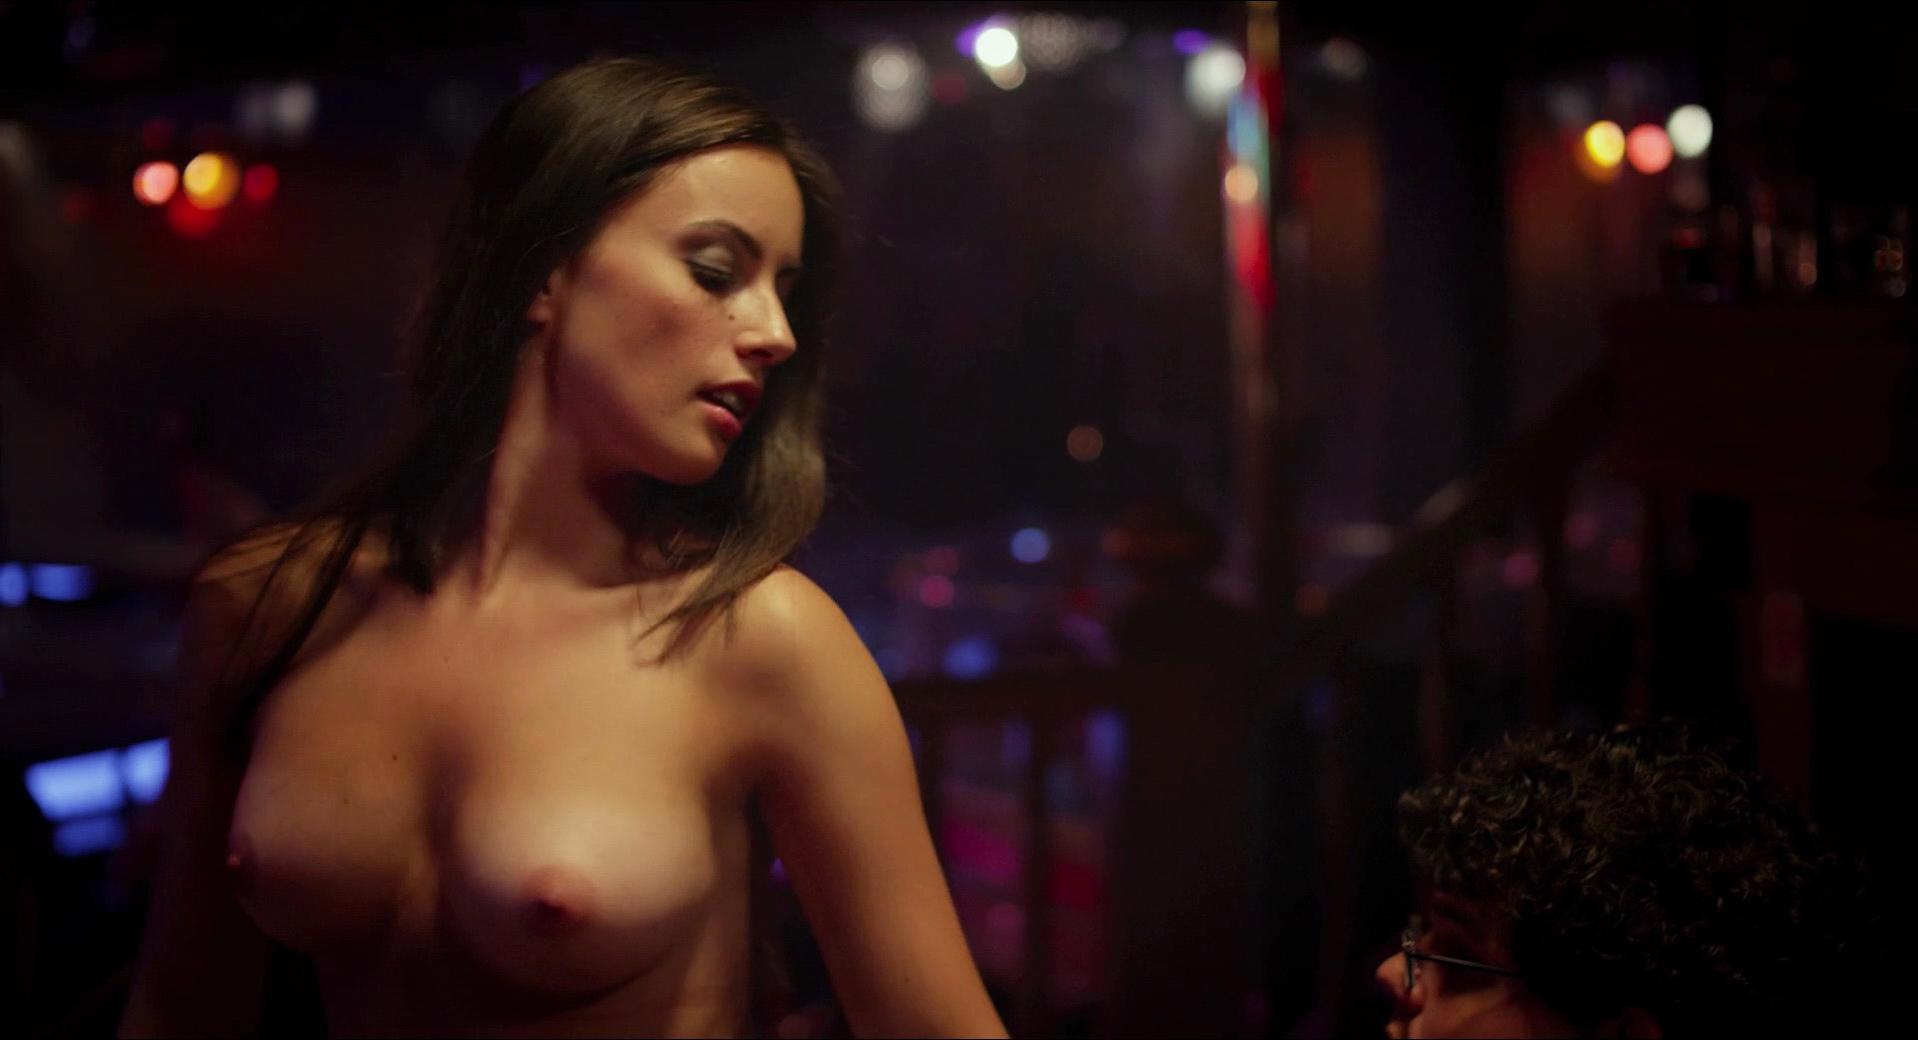 Karyn Halpin nude - Kid Cannabis (2014)